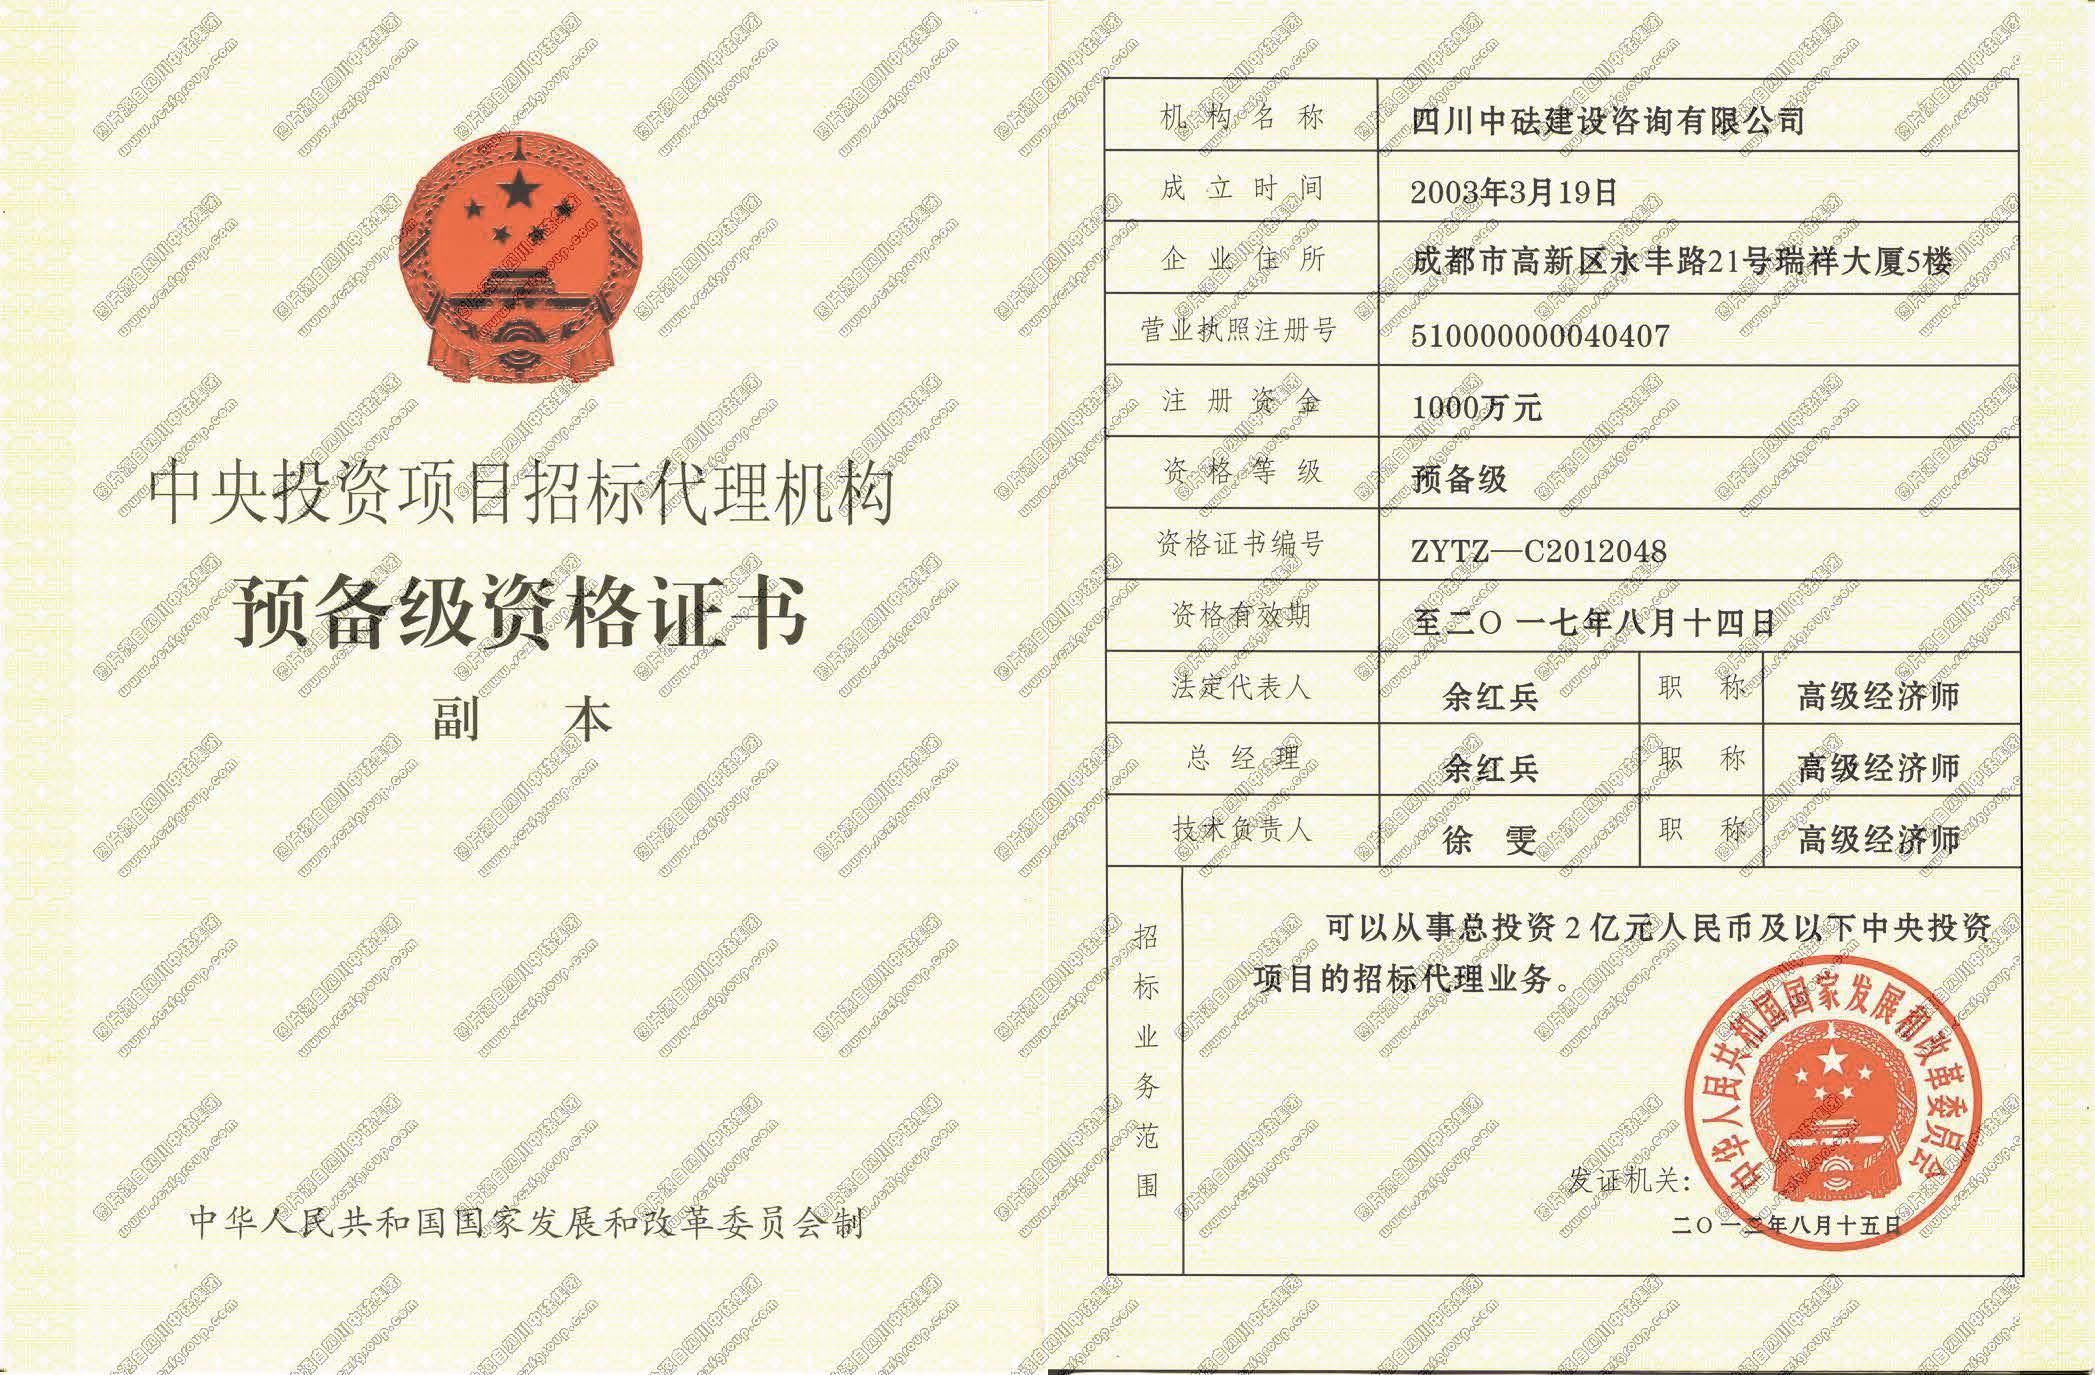 中央投资项目招标代理机构预备级资格证书